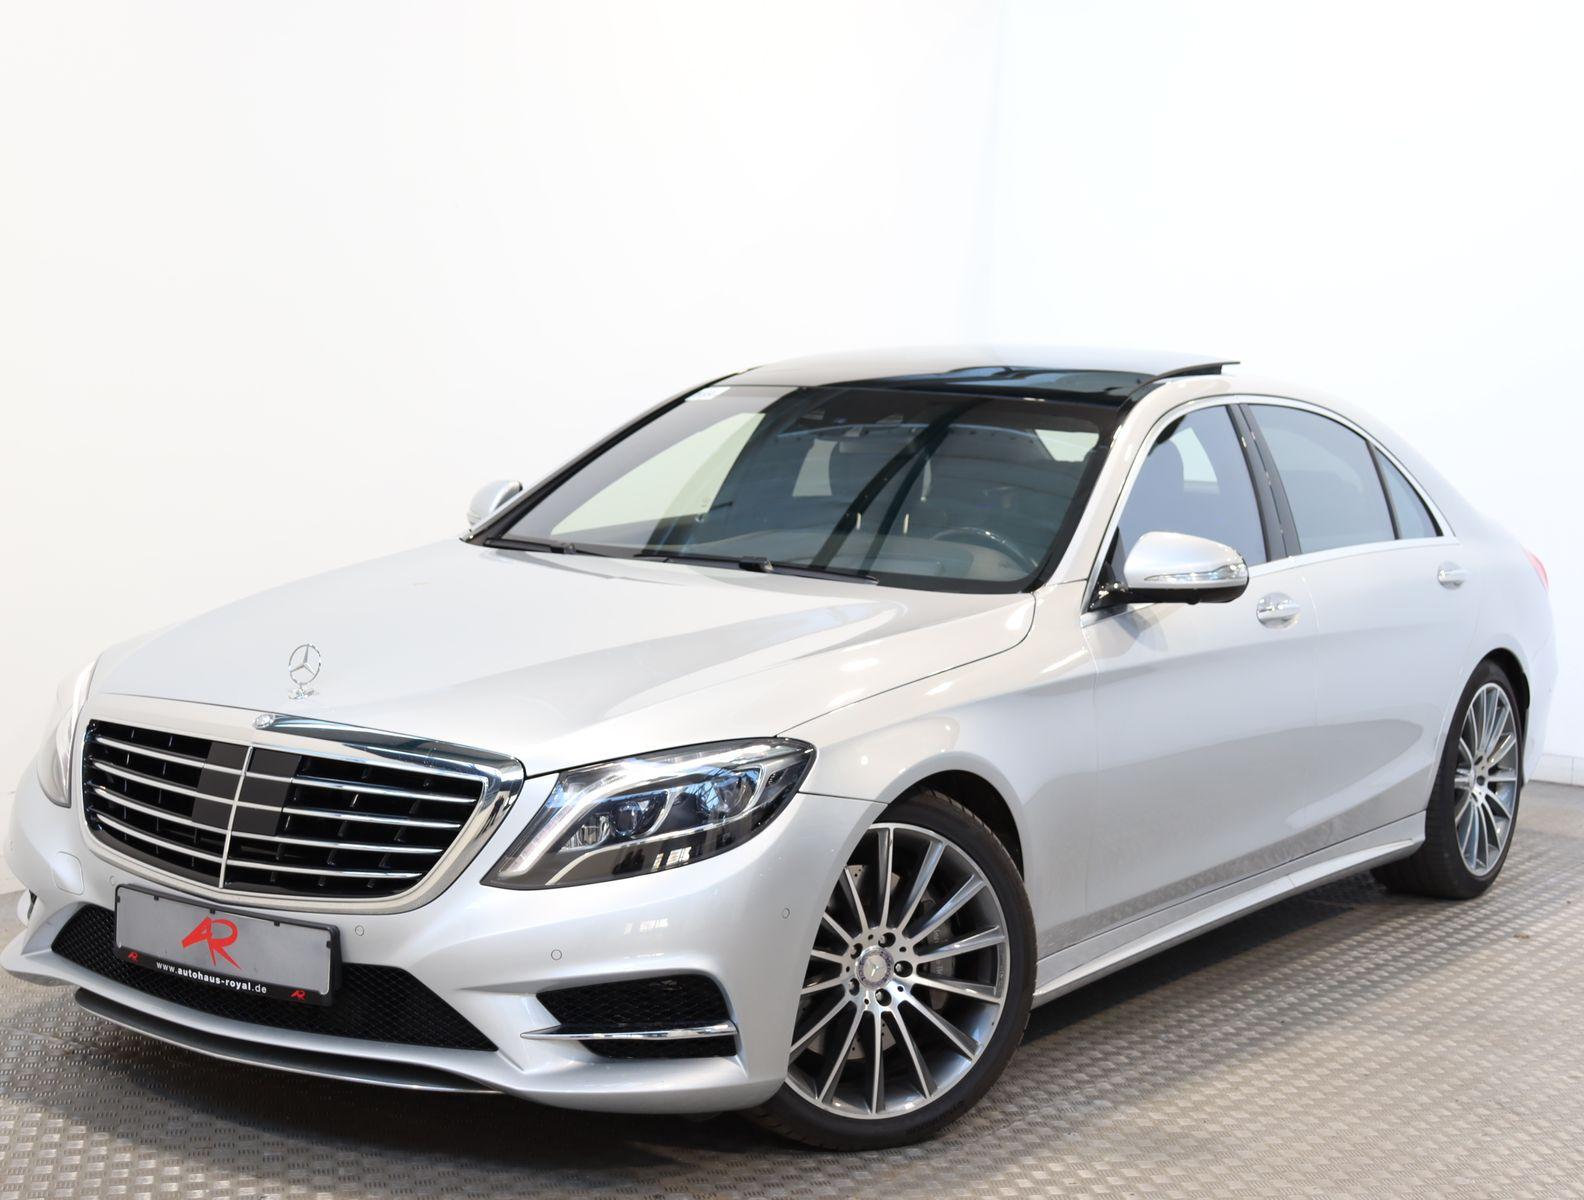 Mercedes-Benz S 500 4M LANG AMG LINE EXKLUSIV FOND-TV,HEADUP, Jahr 2014, Benzin